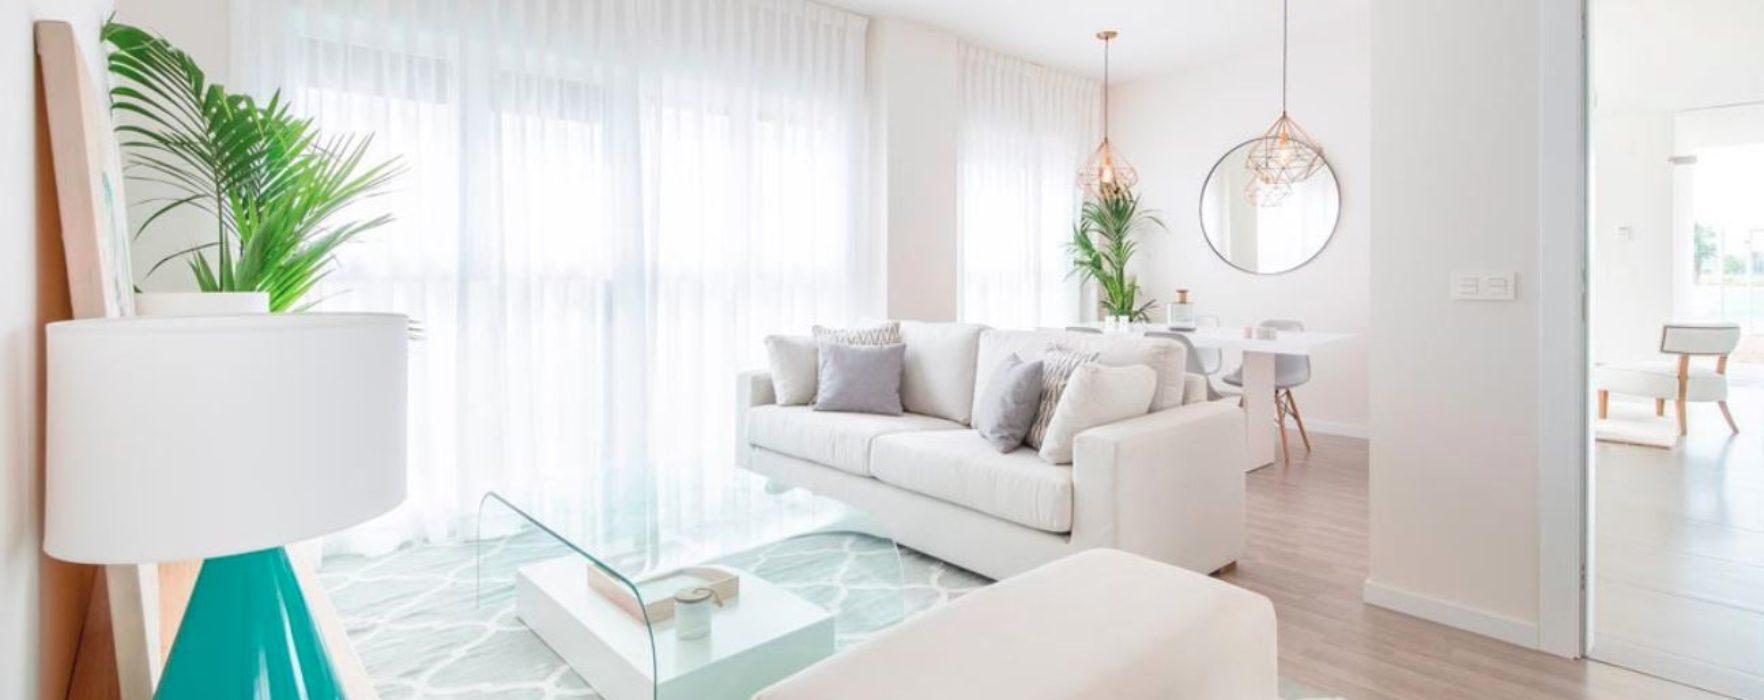 Como distribuir un salon rectangular trendy como - Como decorar un salon en forma de l ...